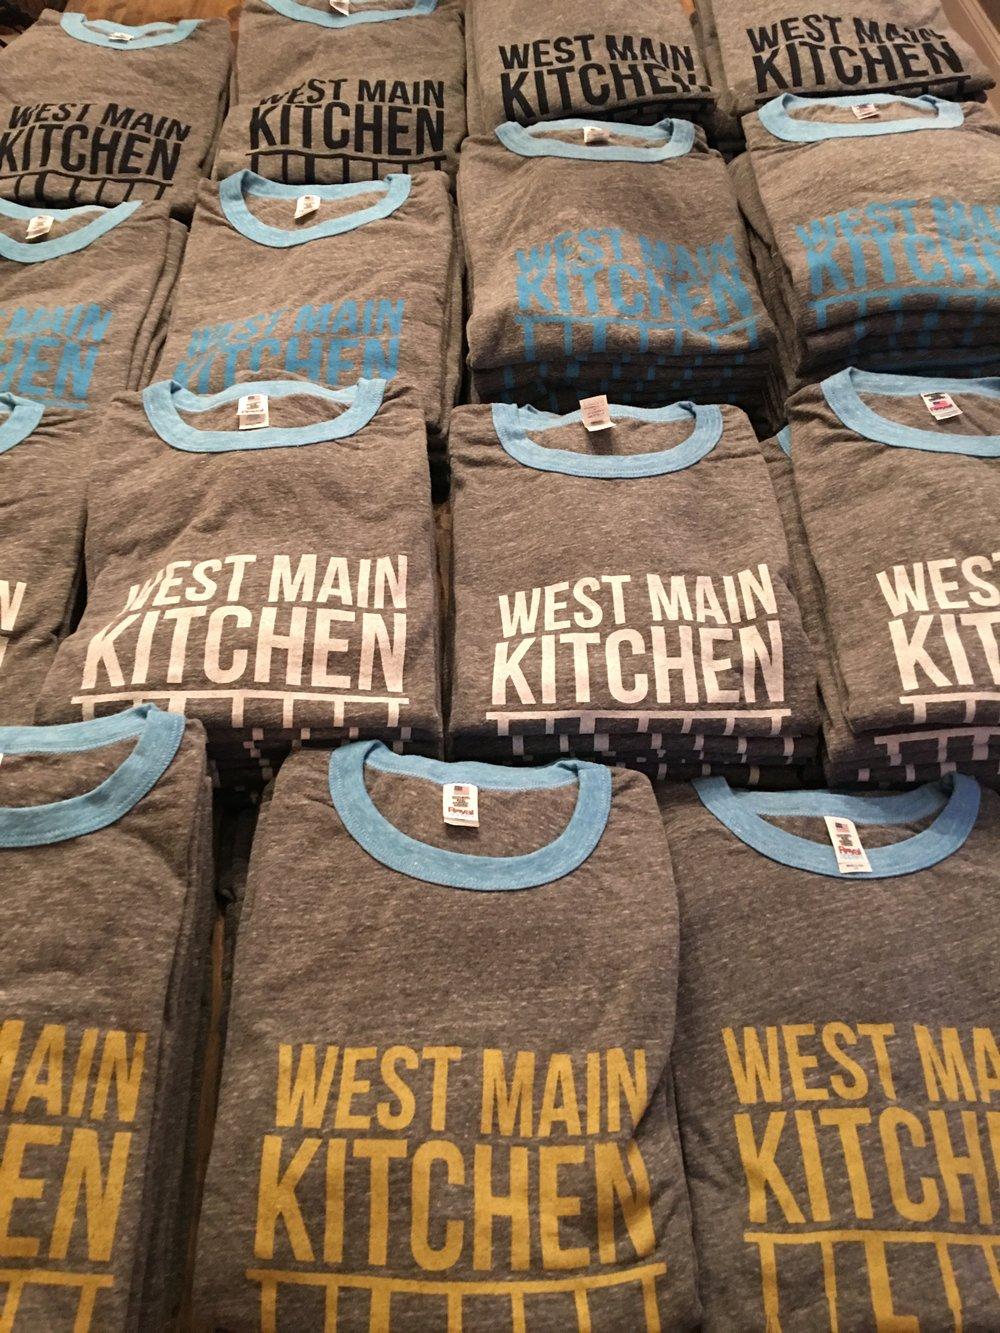 West Main Kitchen - Waterloo, NY